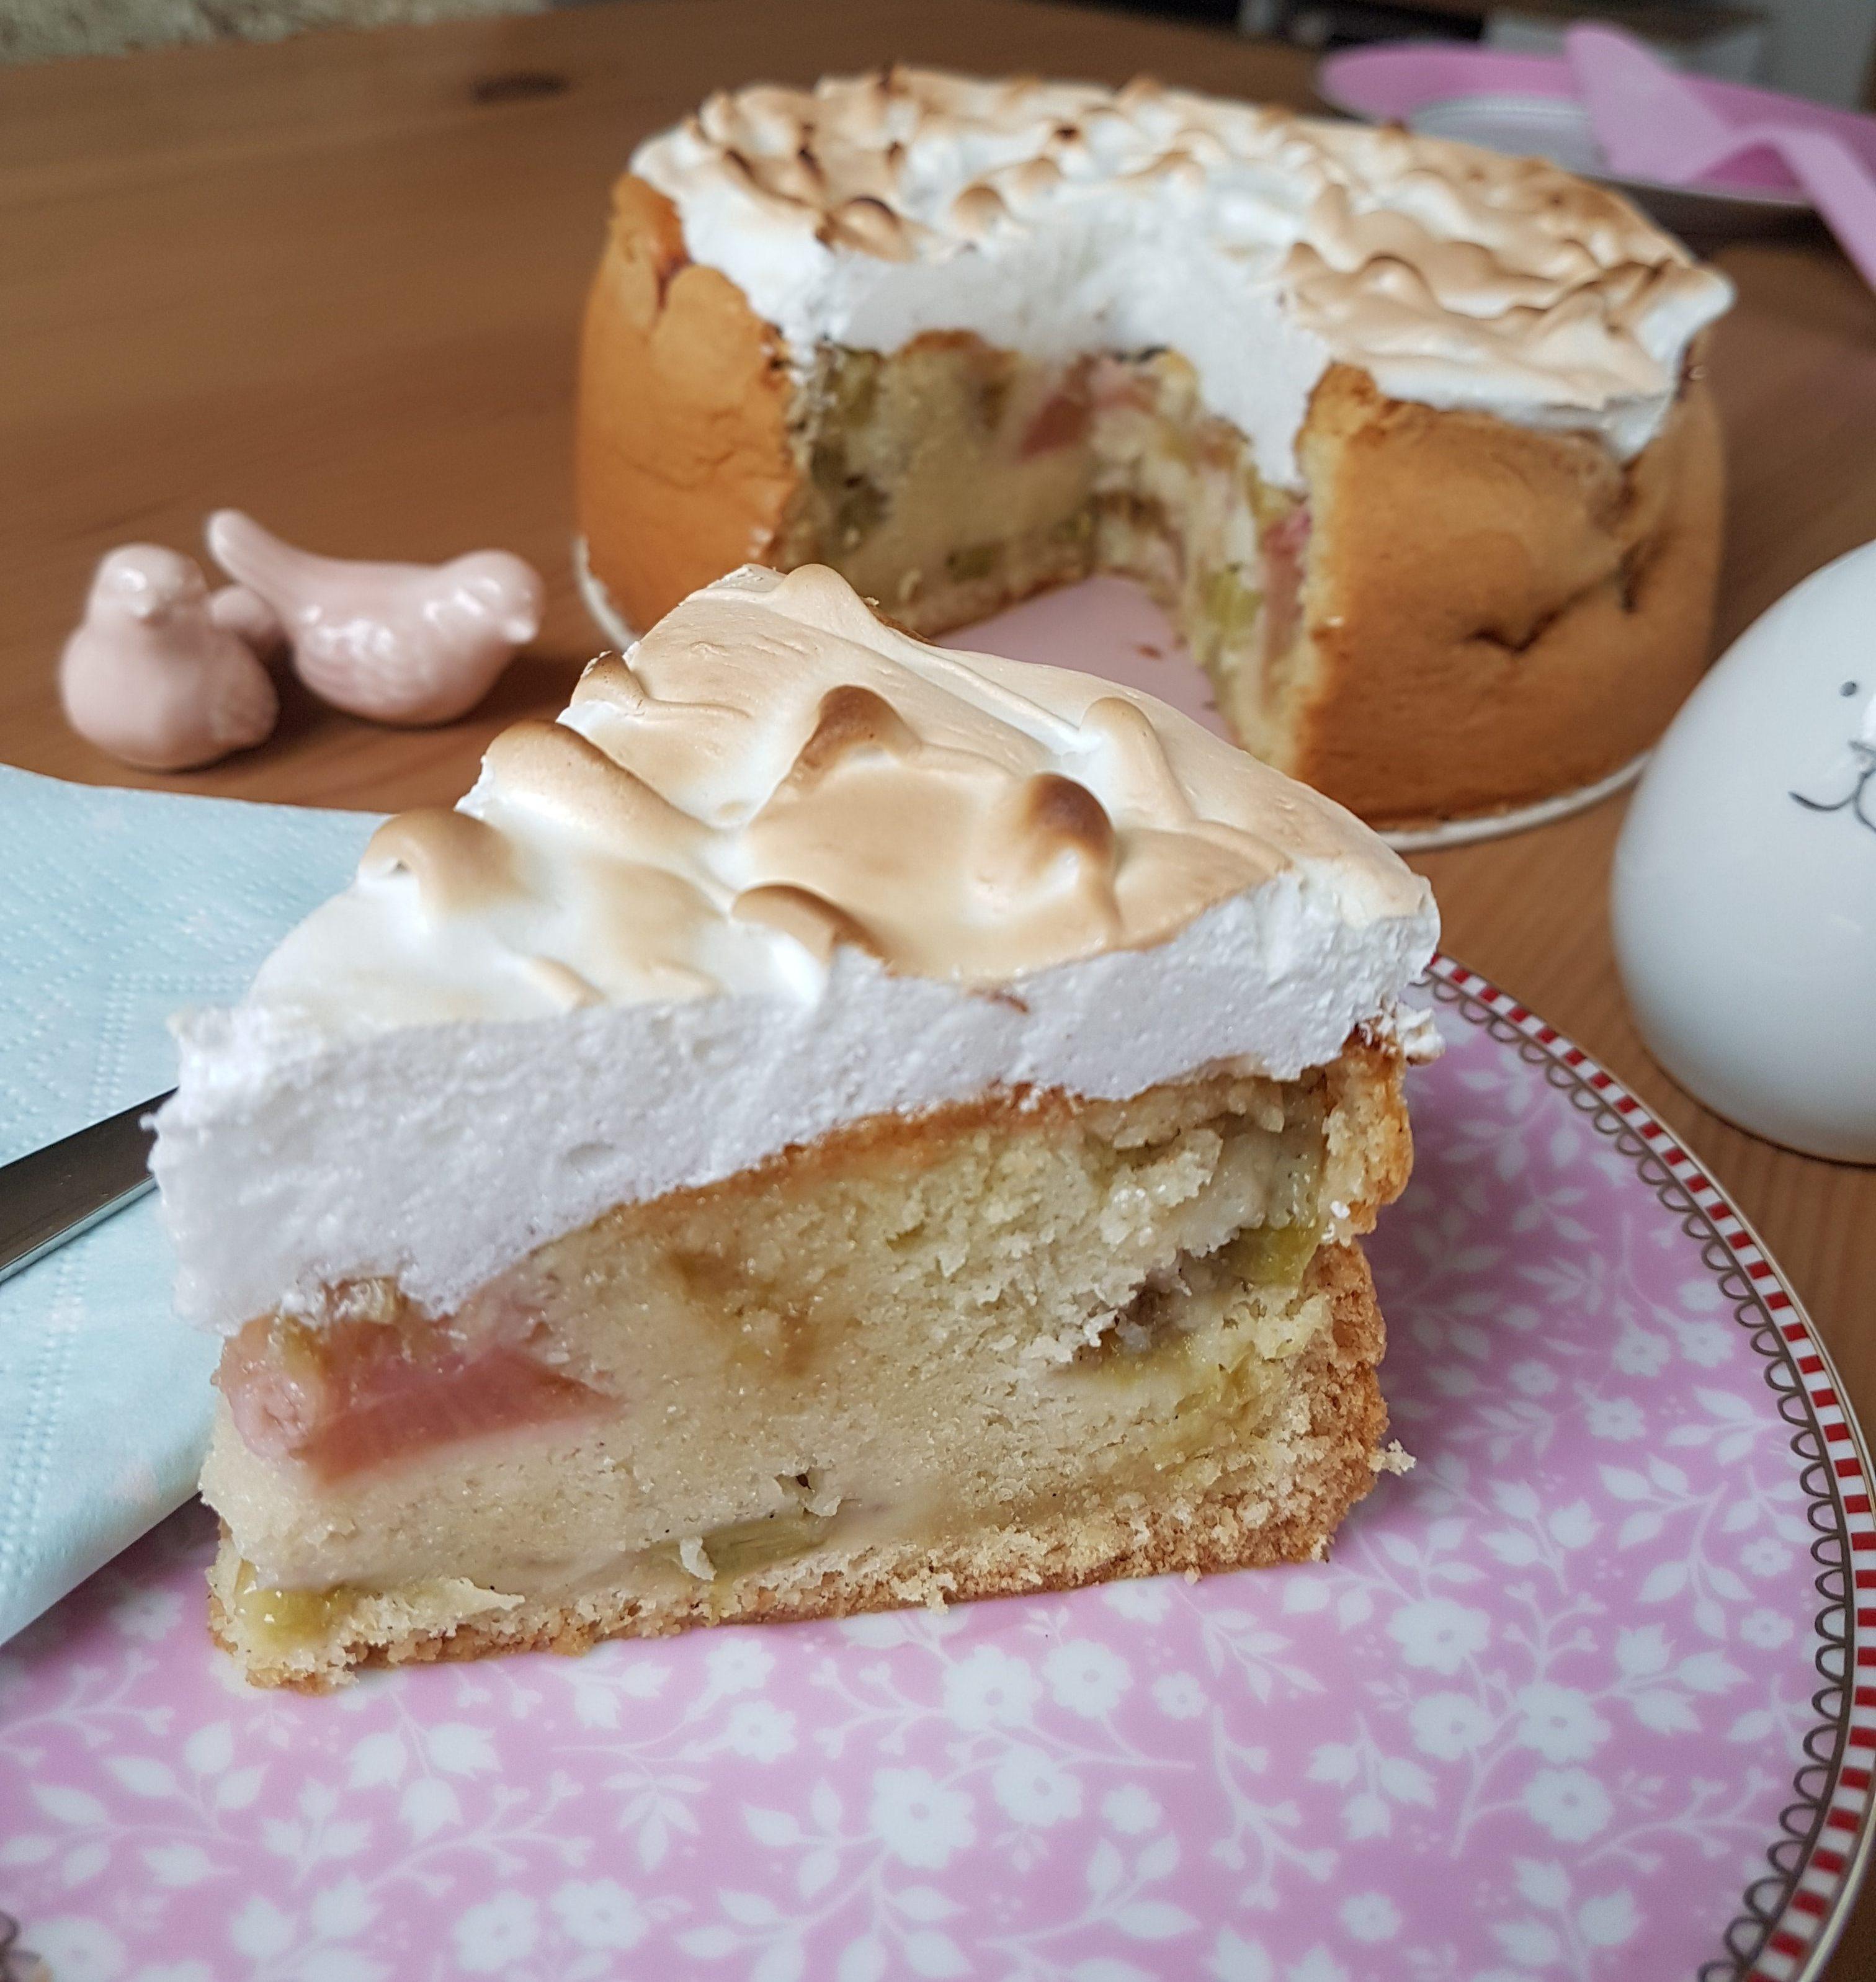 Rhabarberkuchen mit Baiserhaube von Cake Confession. Im Vordergrund sieht man ein Kuchenstück und dahinter ist der Kuchen mit Anschnitt zu sehen.